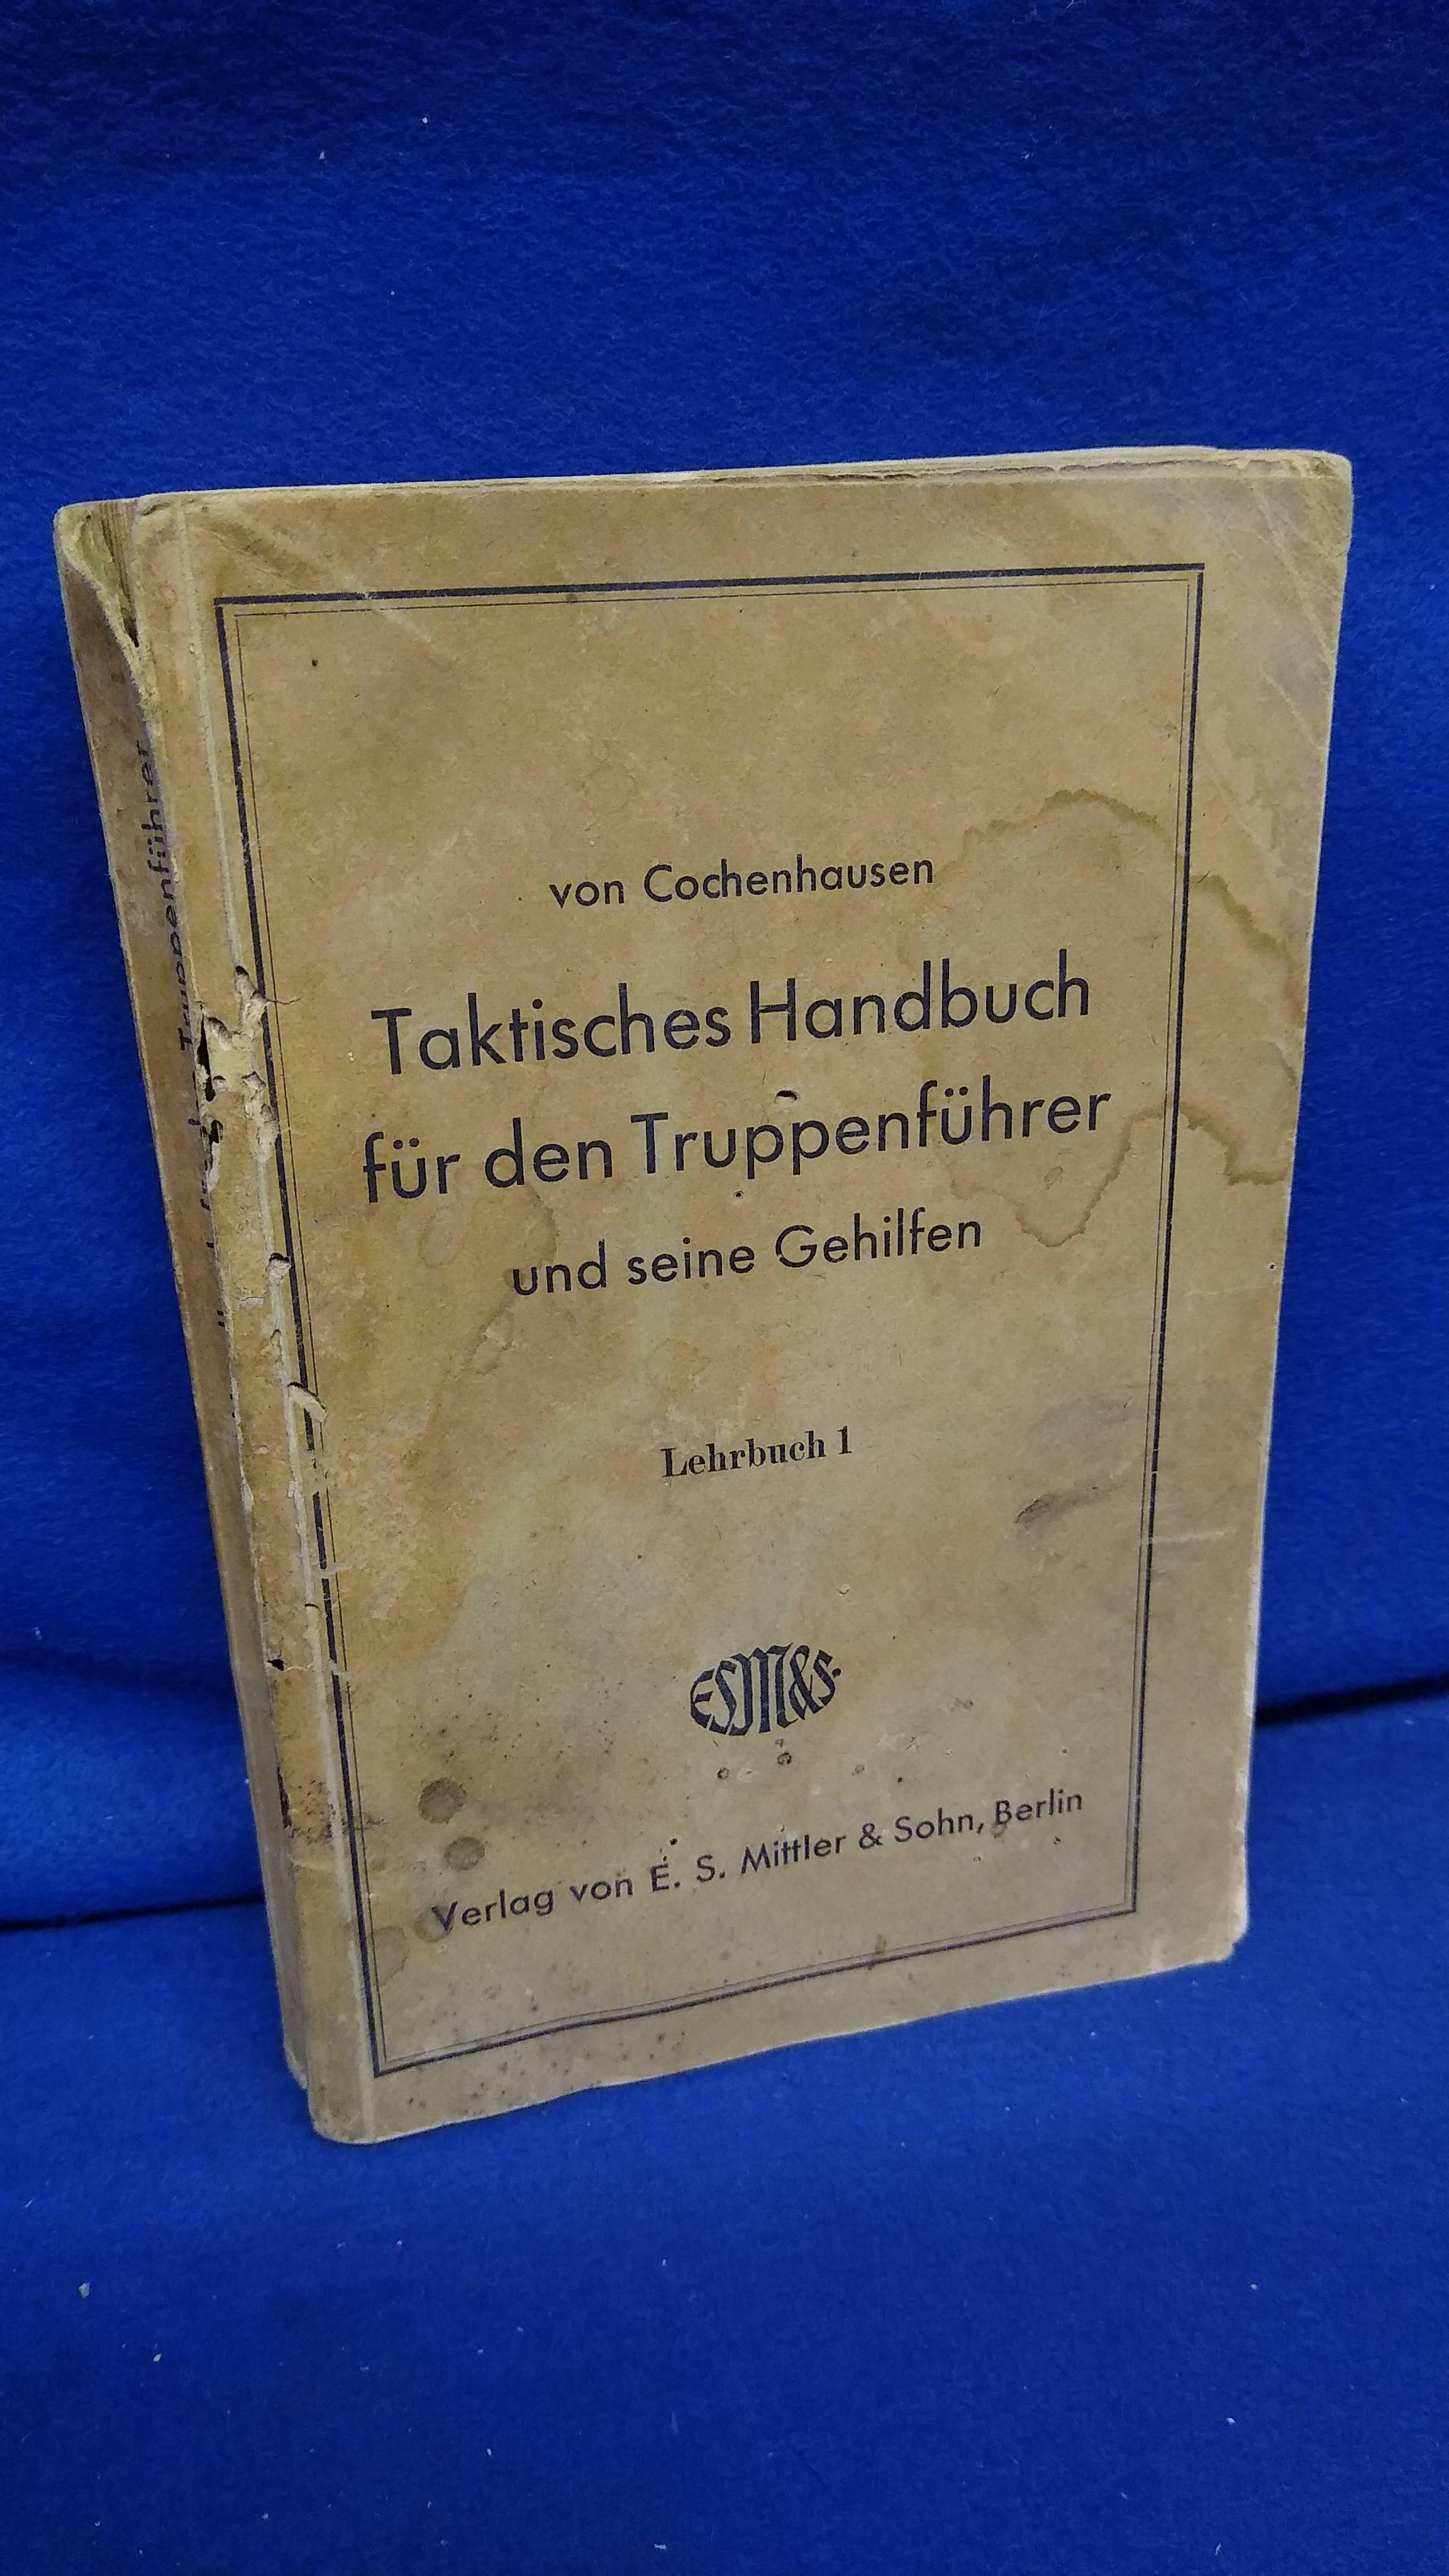 Taktisches Handbuch für den Truppenführer und seine Gehilfen. Lehrbuch 1. Seltene Kriegs-Ausgabe von 1940 mit den eingearbeiteten Kriegserfahrungen.